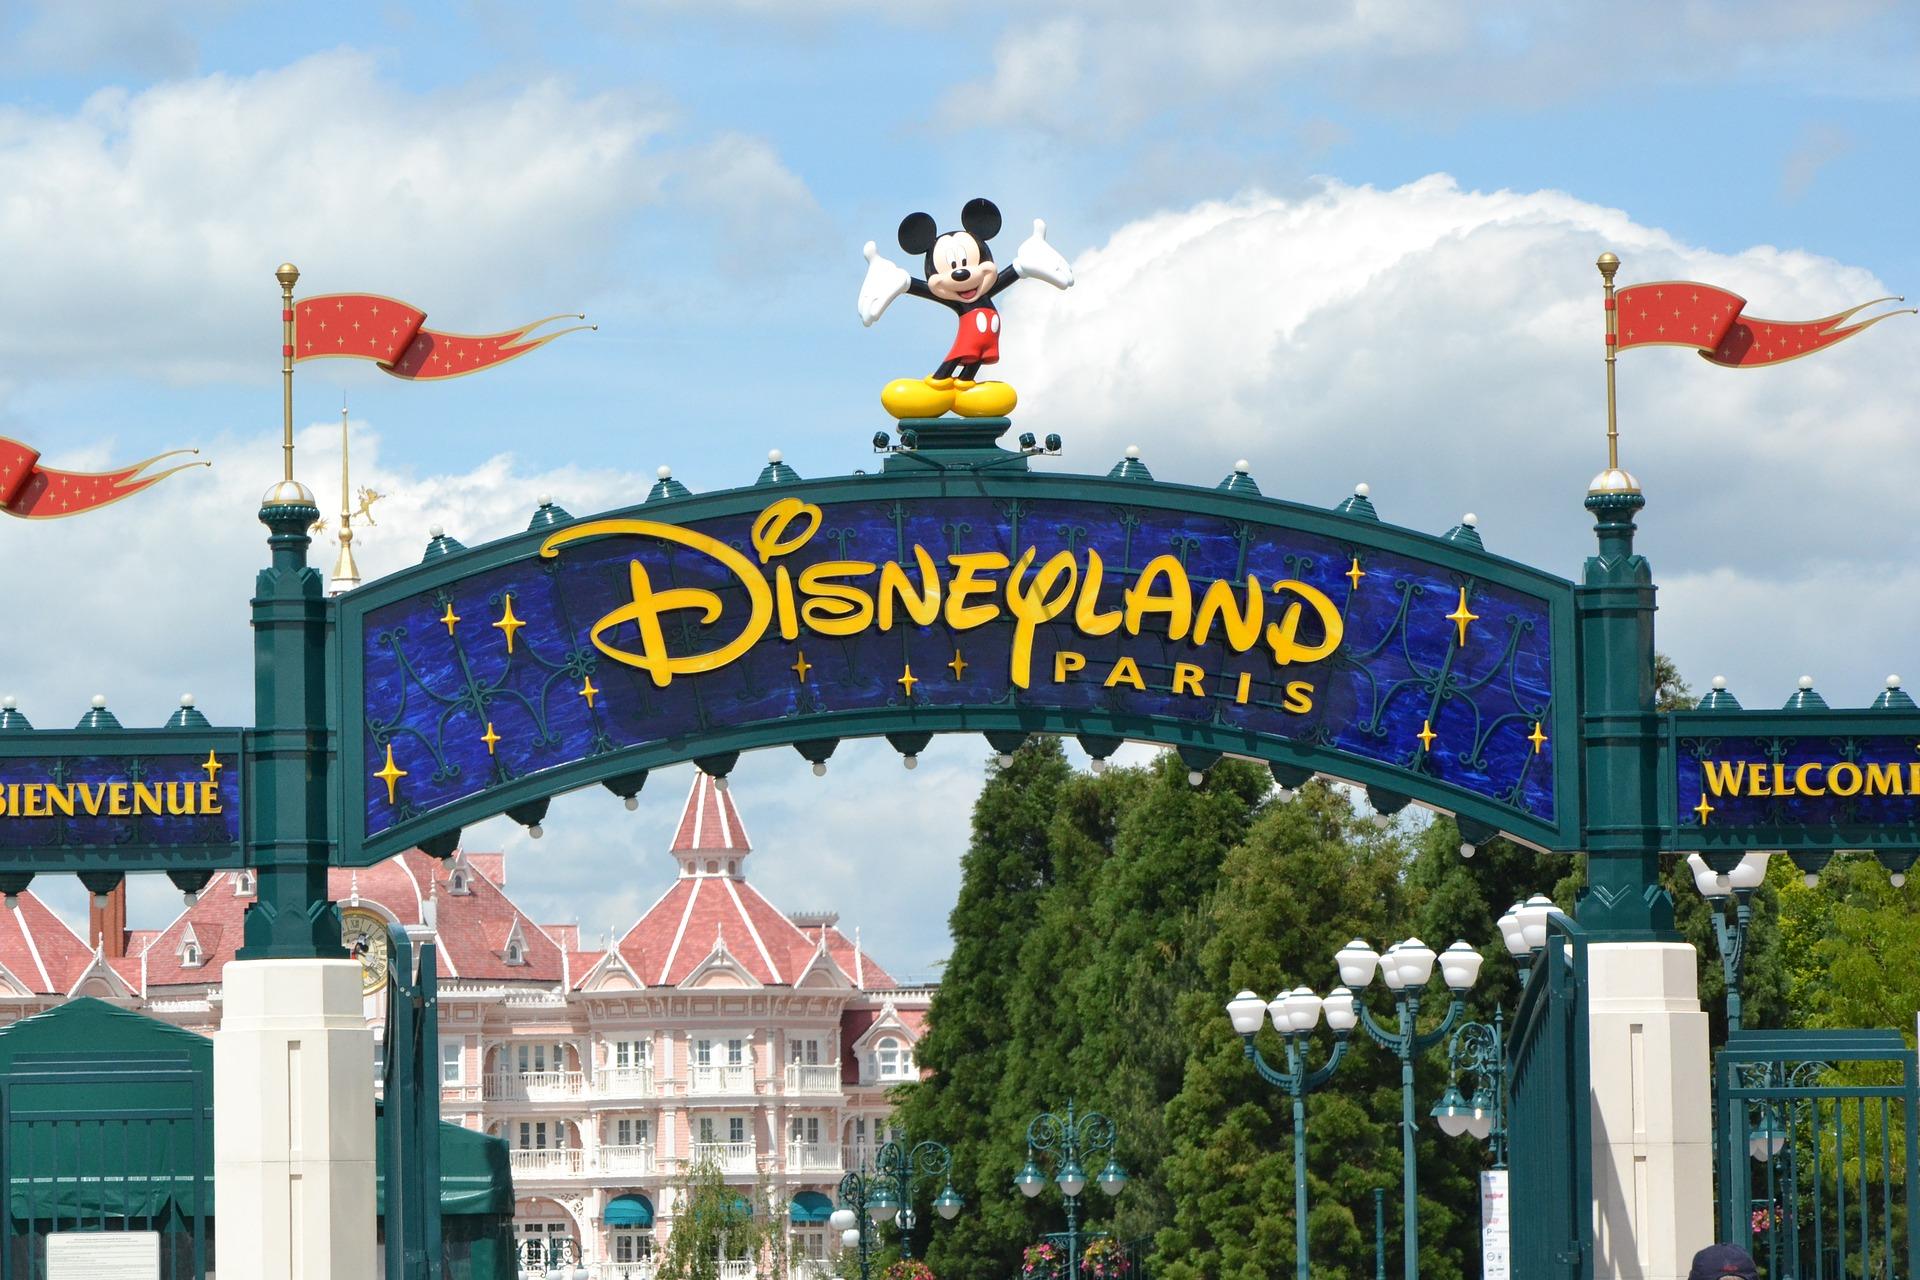 Парк развлечений «мир уолта диснея», орландо. цены 2020, режим работы, фото, видео, отели, отзывы, как добраться — туристер.ру